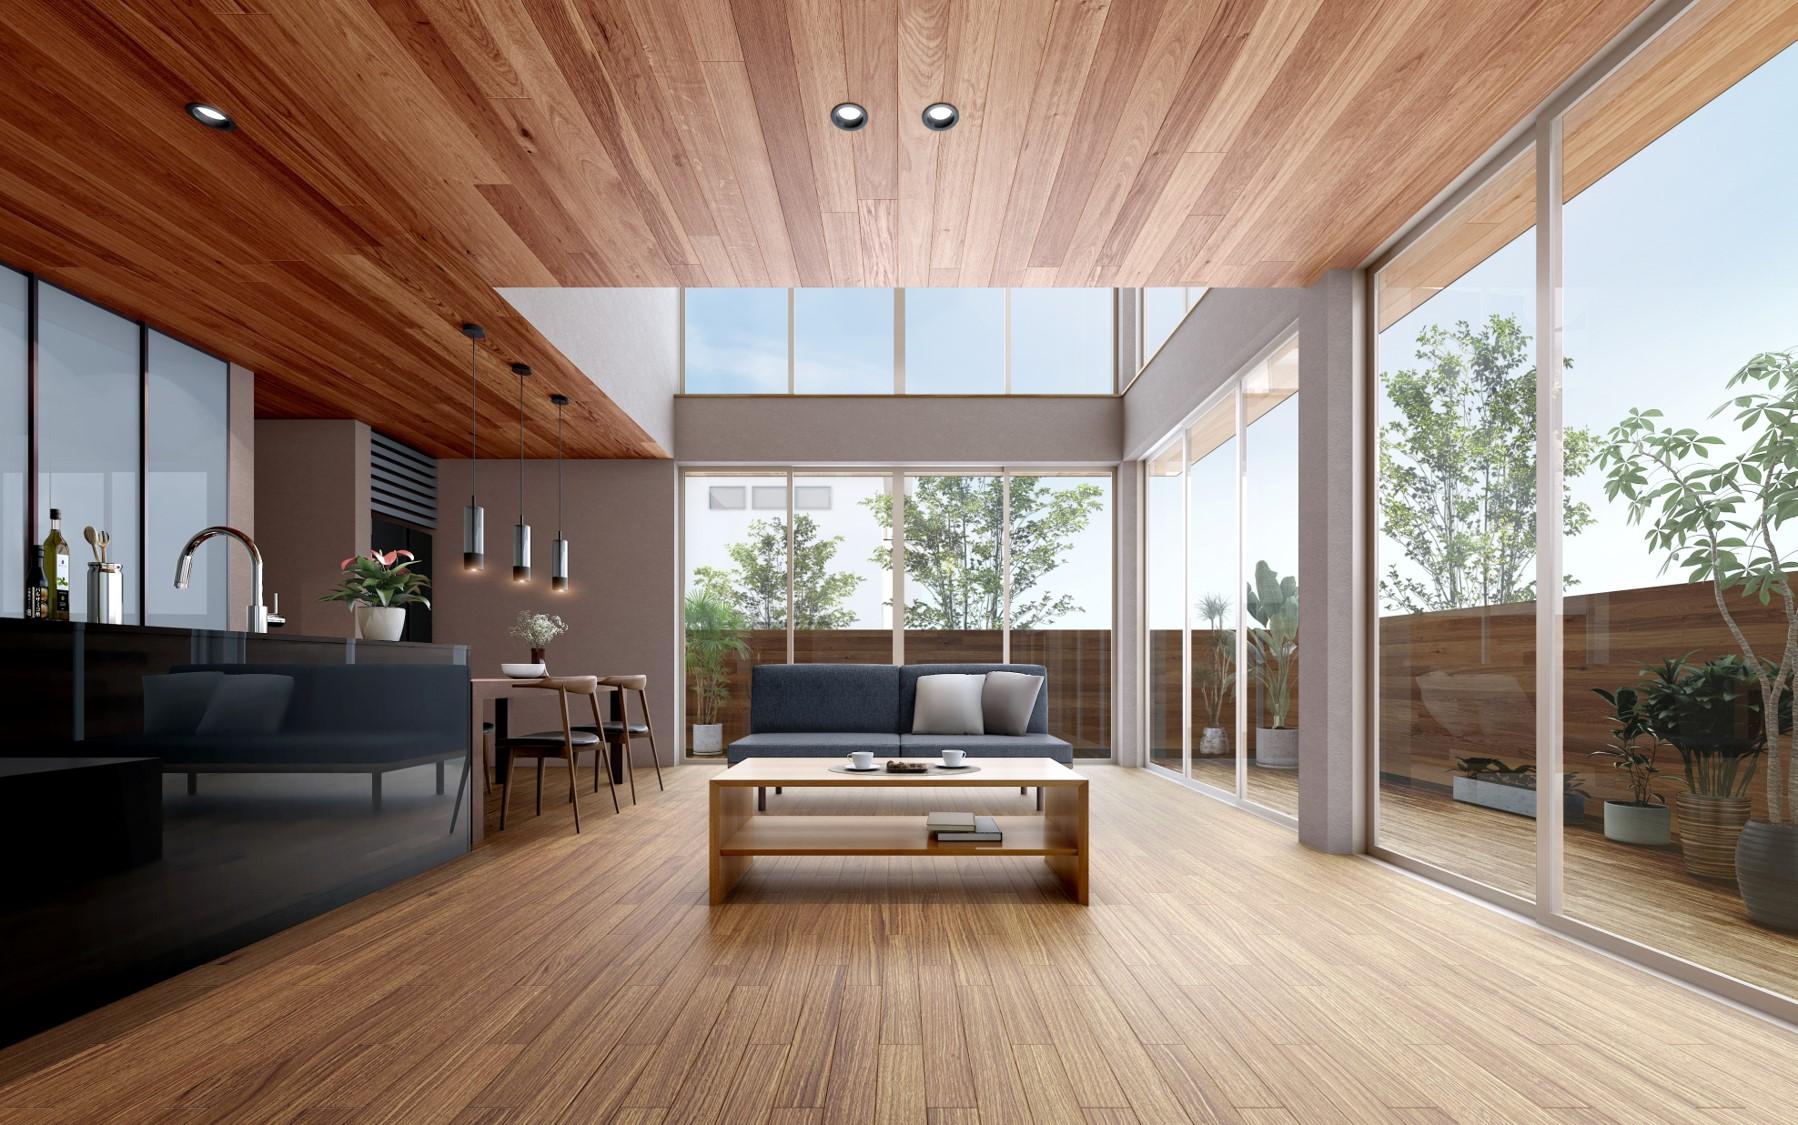 アキュラホーム、6mの大開口実現した「超空間の家」発売